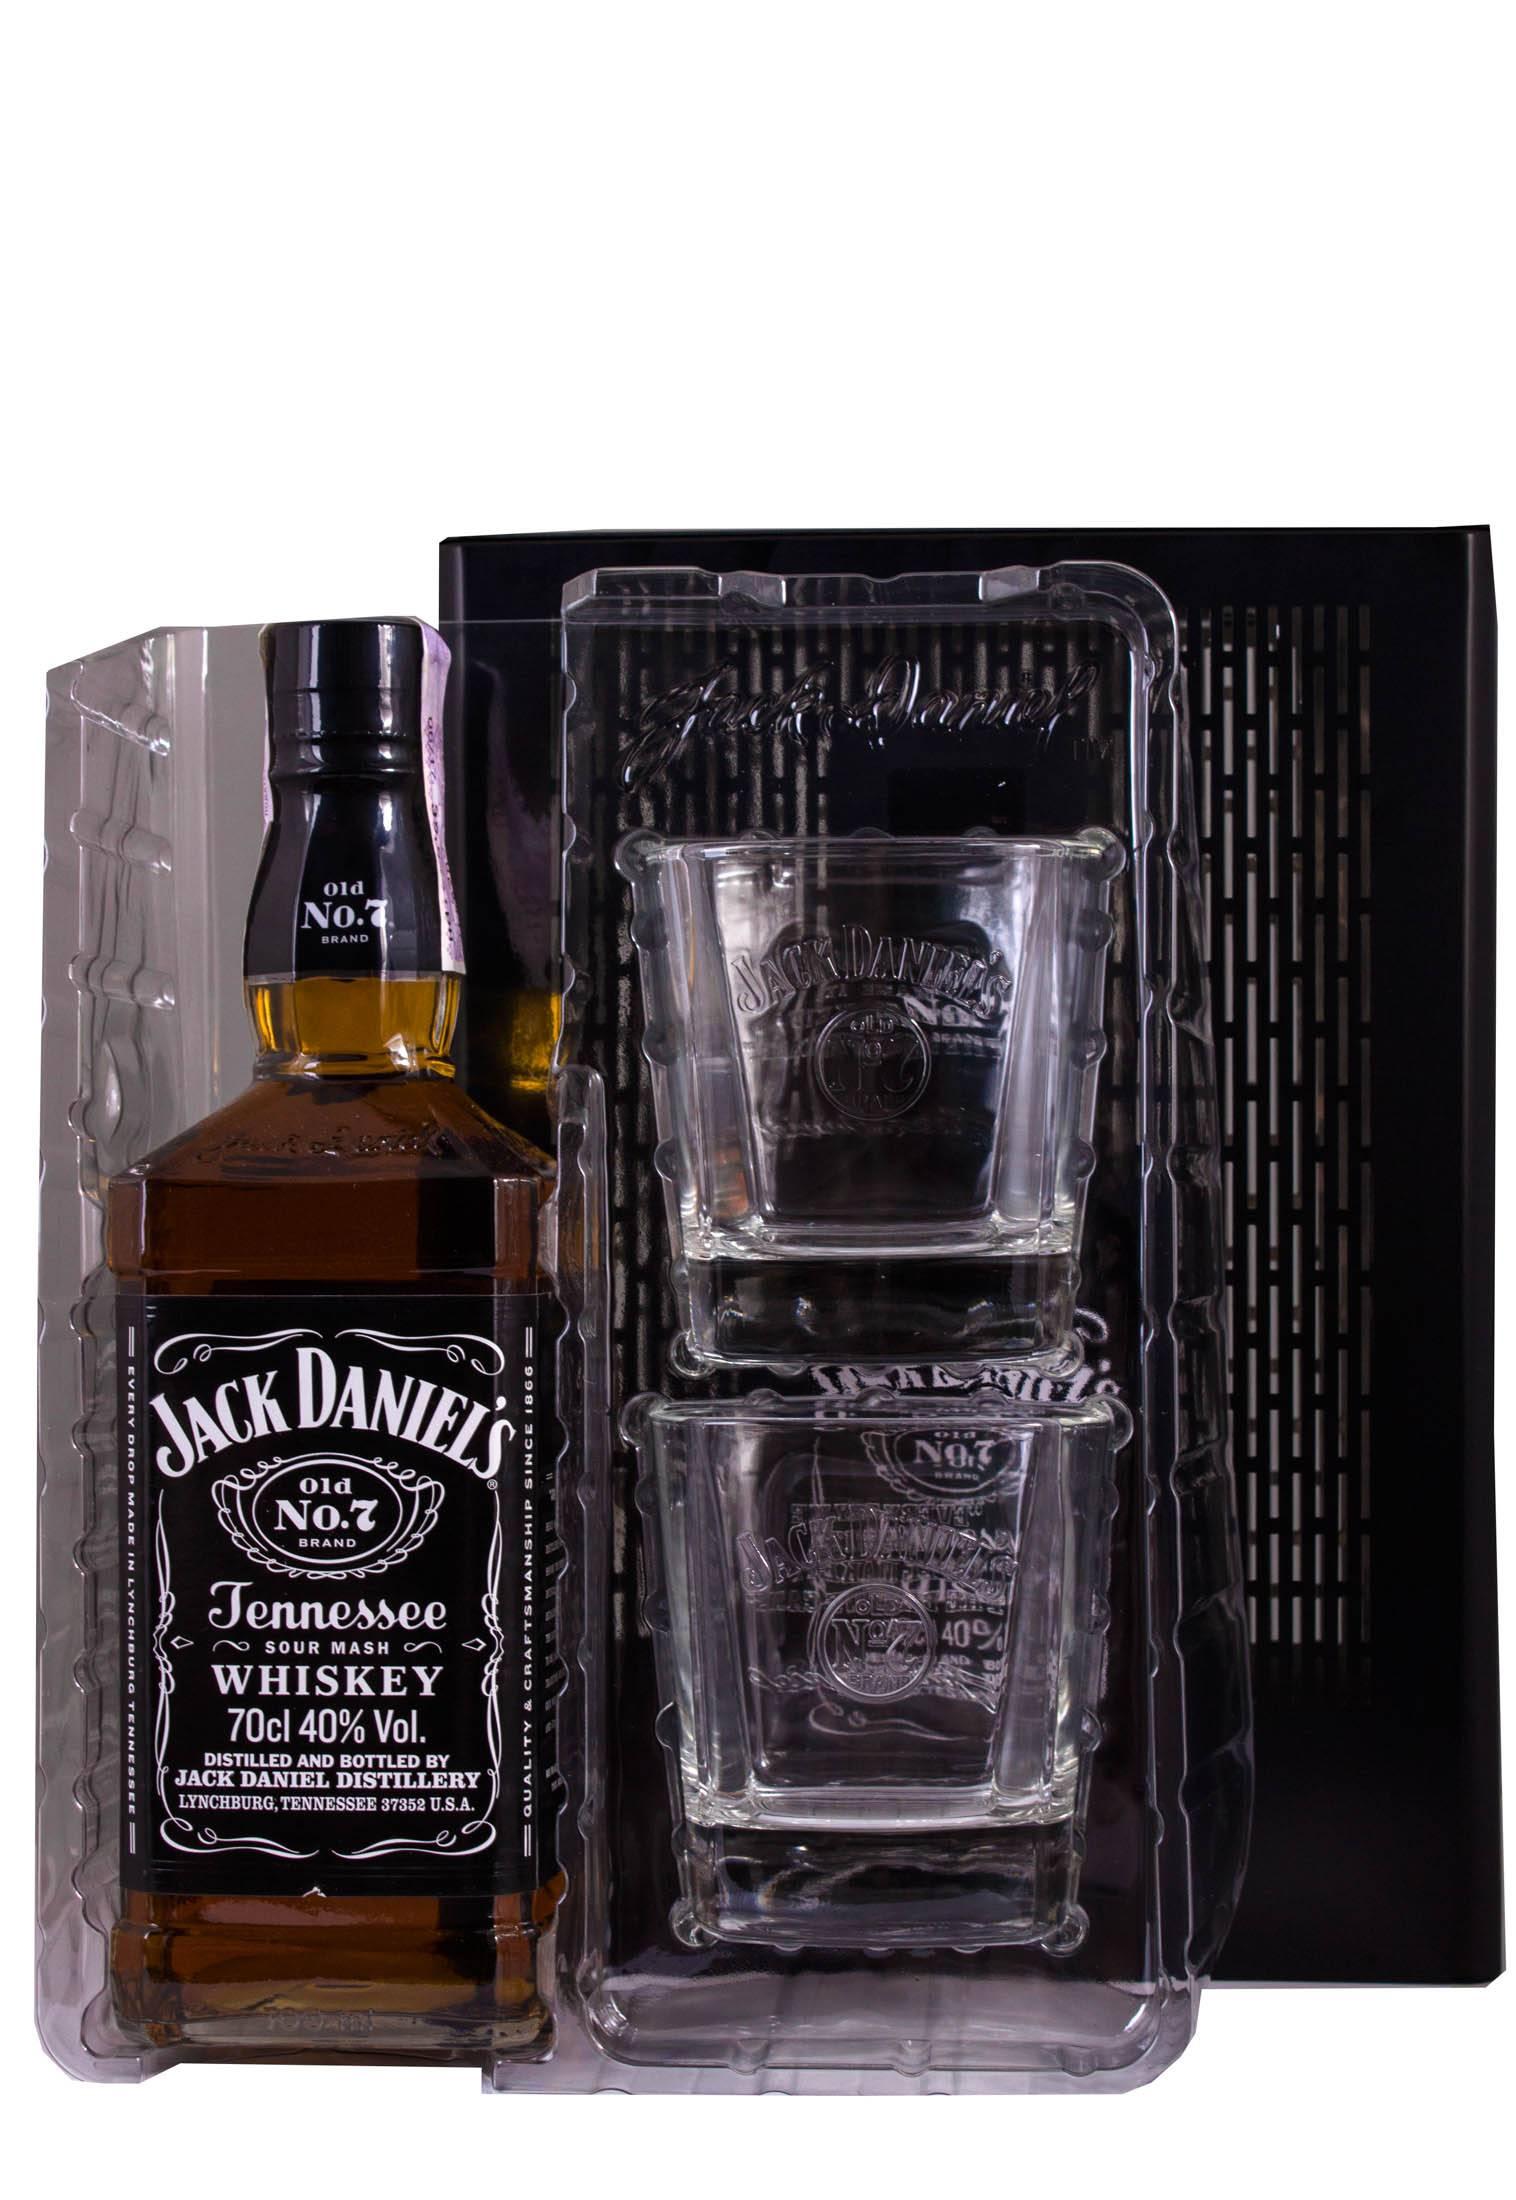 Как пить джек дэниэлс: 3 правильных способа с чем пить виски